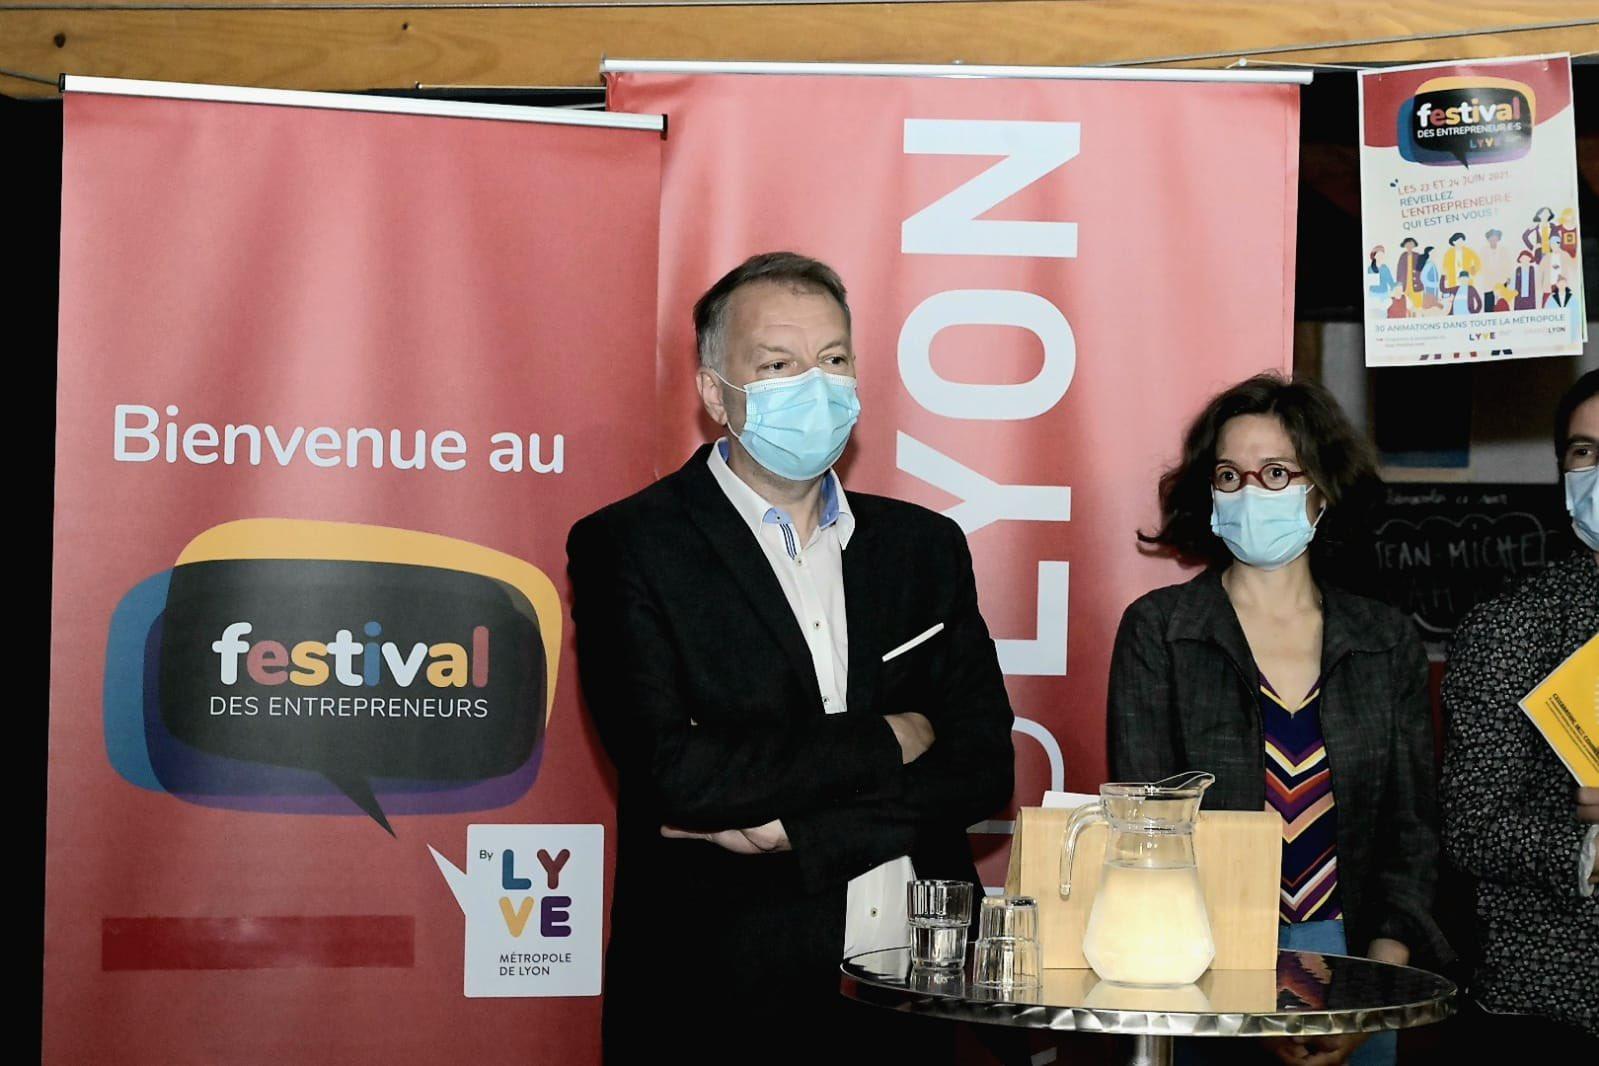 Métropole de Lyon : « On ne laisse personne entreprendre seul »